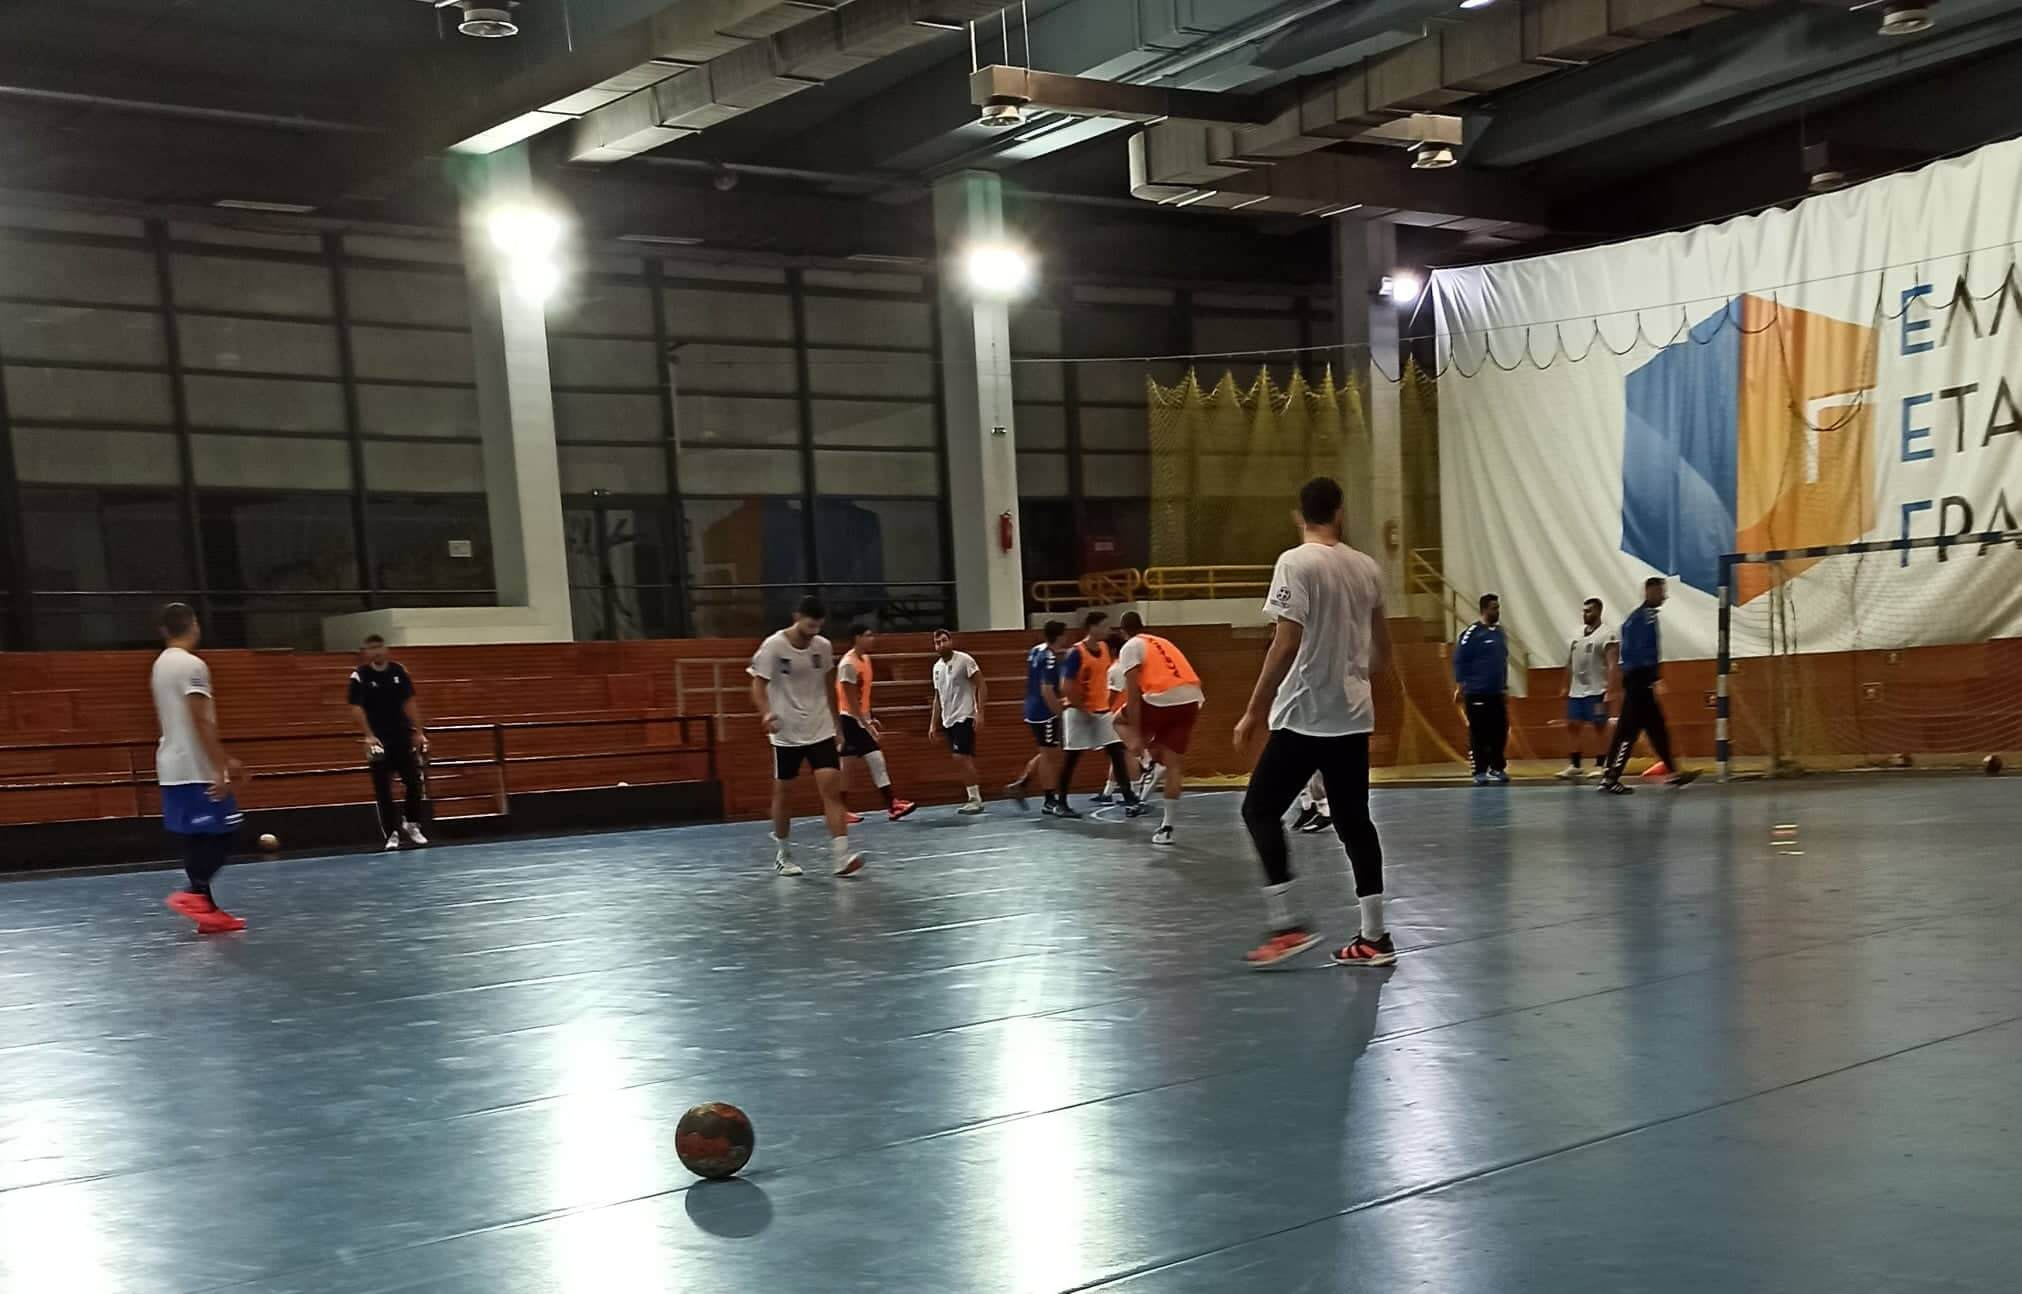 Στον Κορυδαλλό οι αγώνες της Εθνικής χάντμπολ